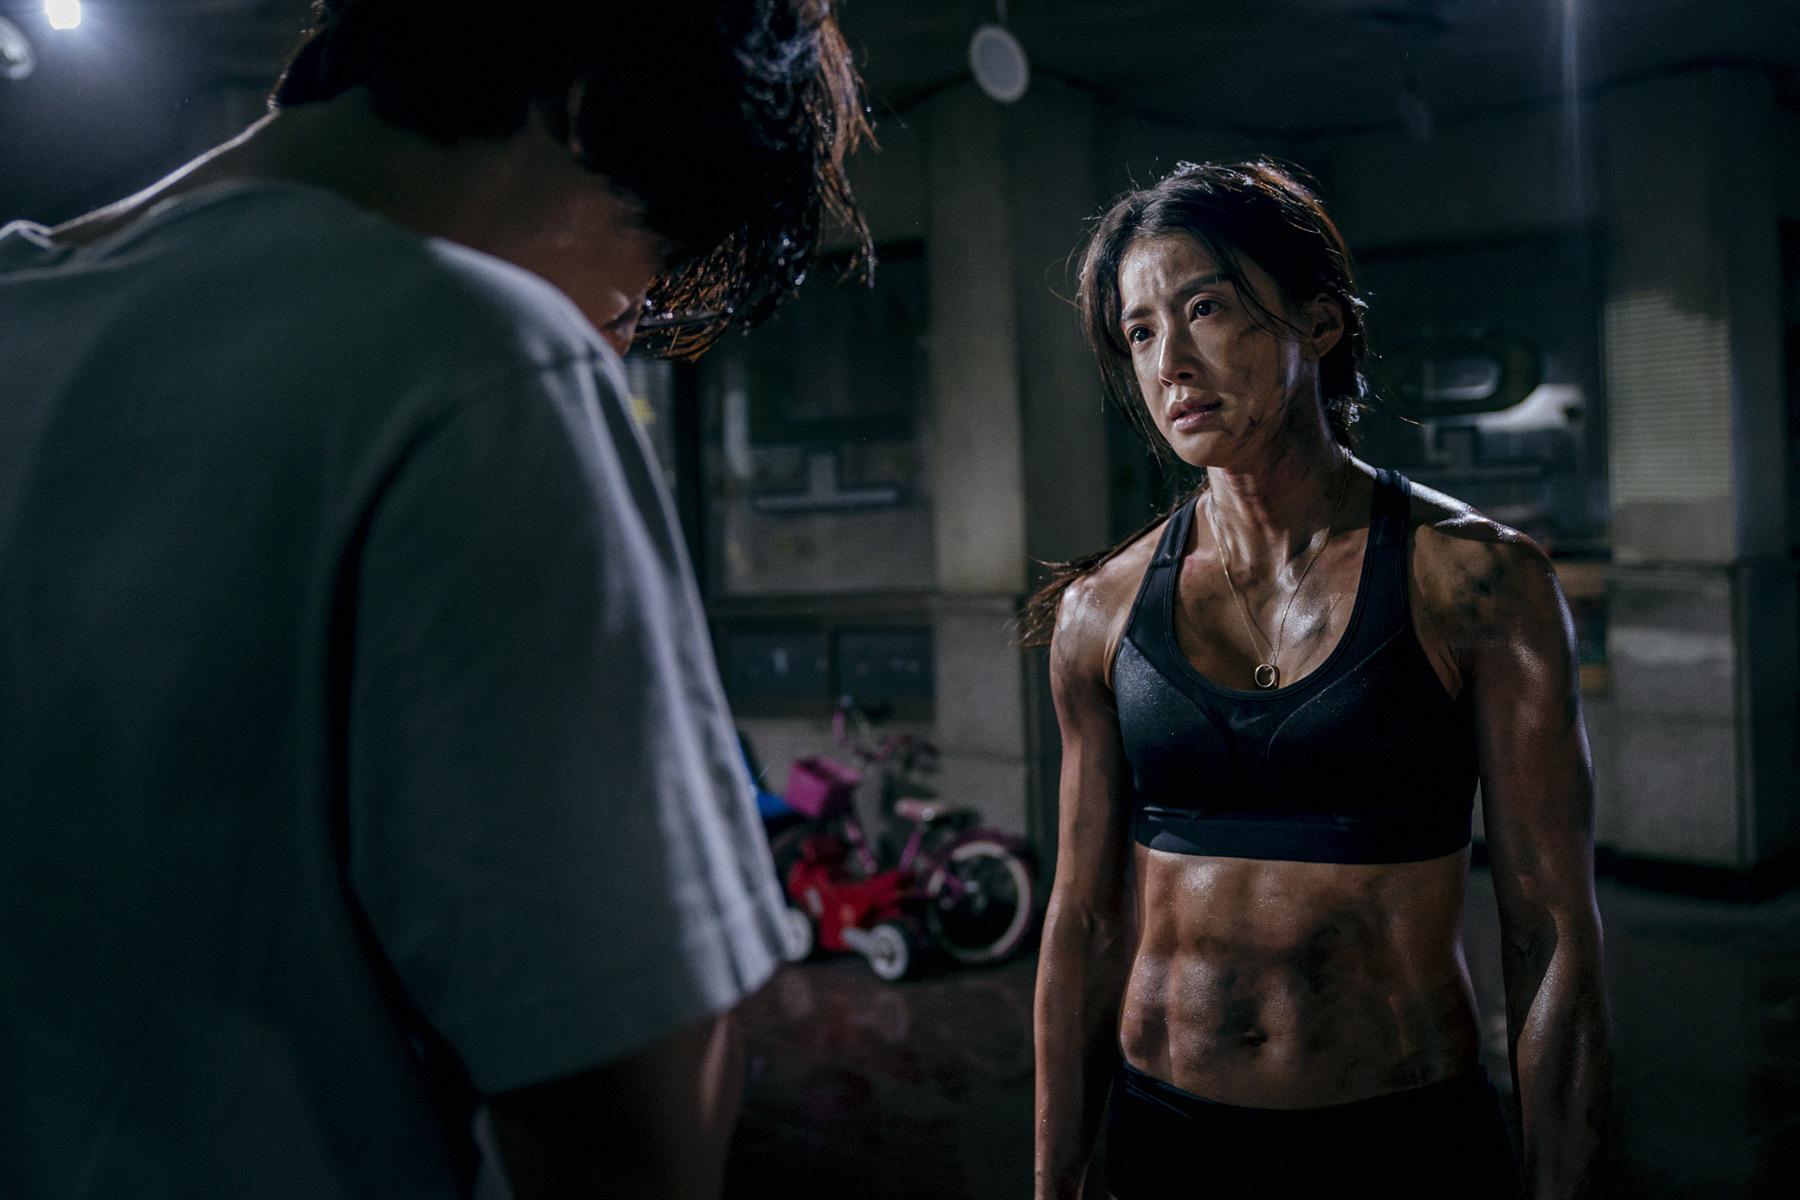 背肌还可以长这样?韩剧《甜蜜家园》演员身材引热议,38岁的她还曾是拳击冠军插图6